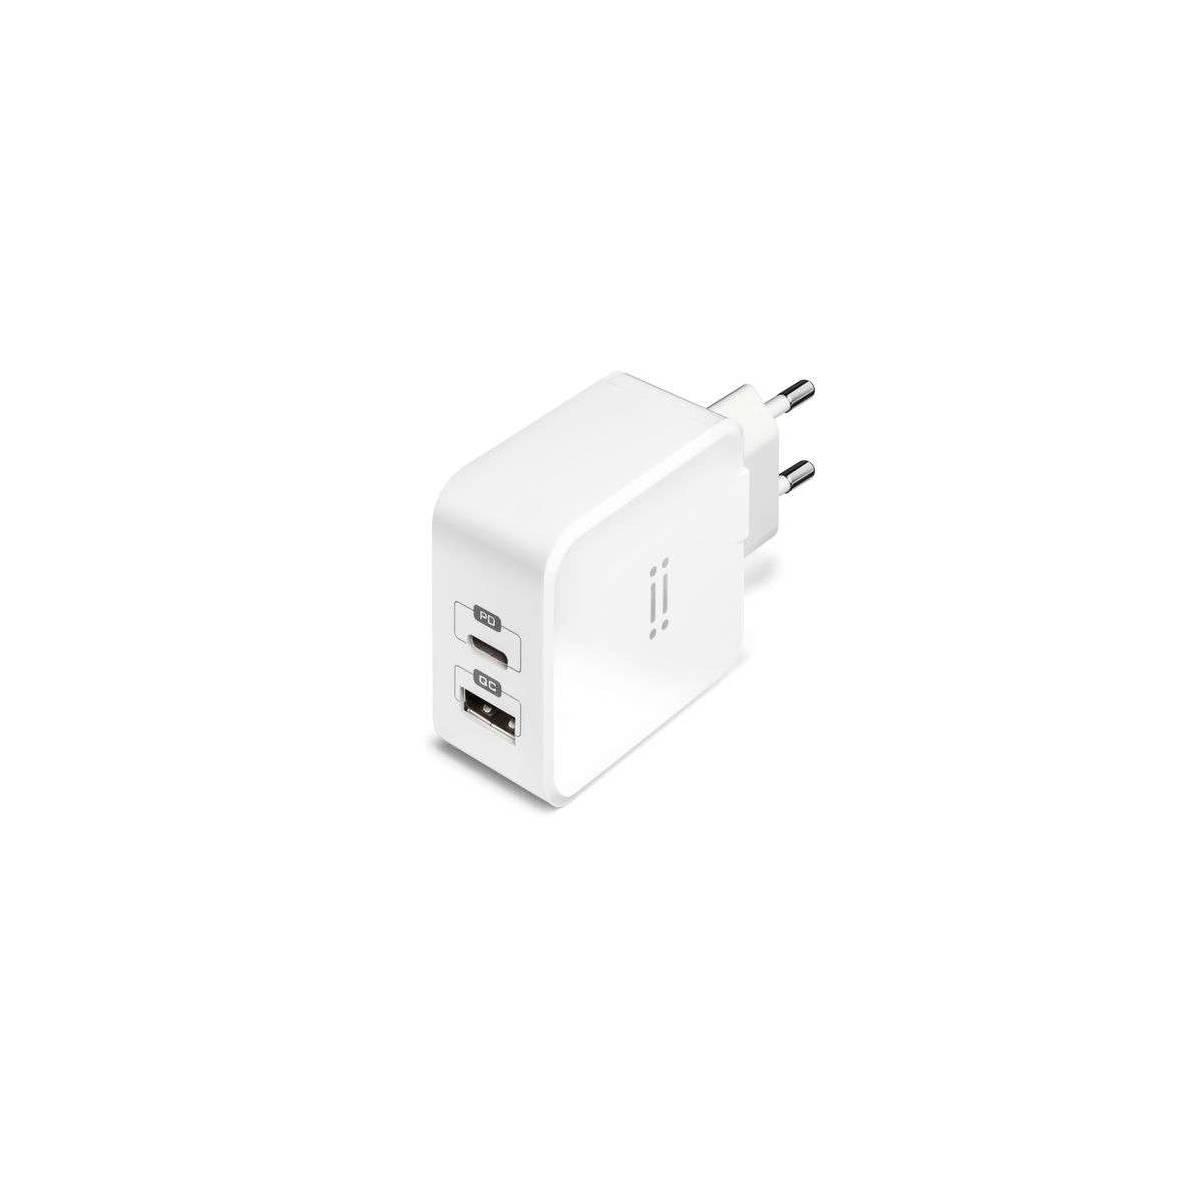 iPhone 4S laddare, kablar och tillbehör Mackablar.se